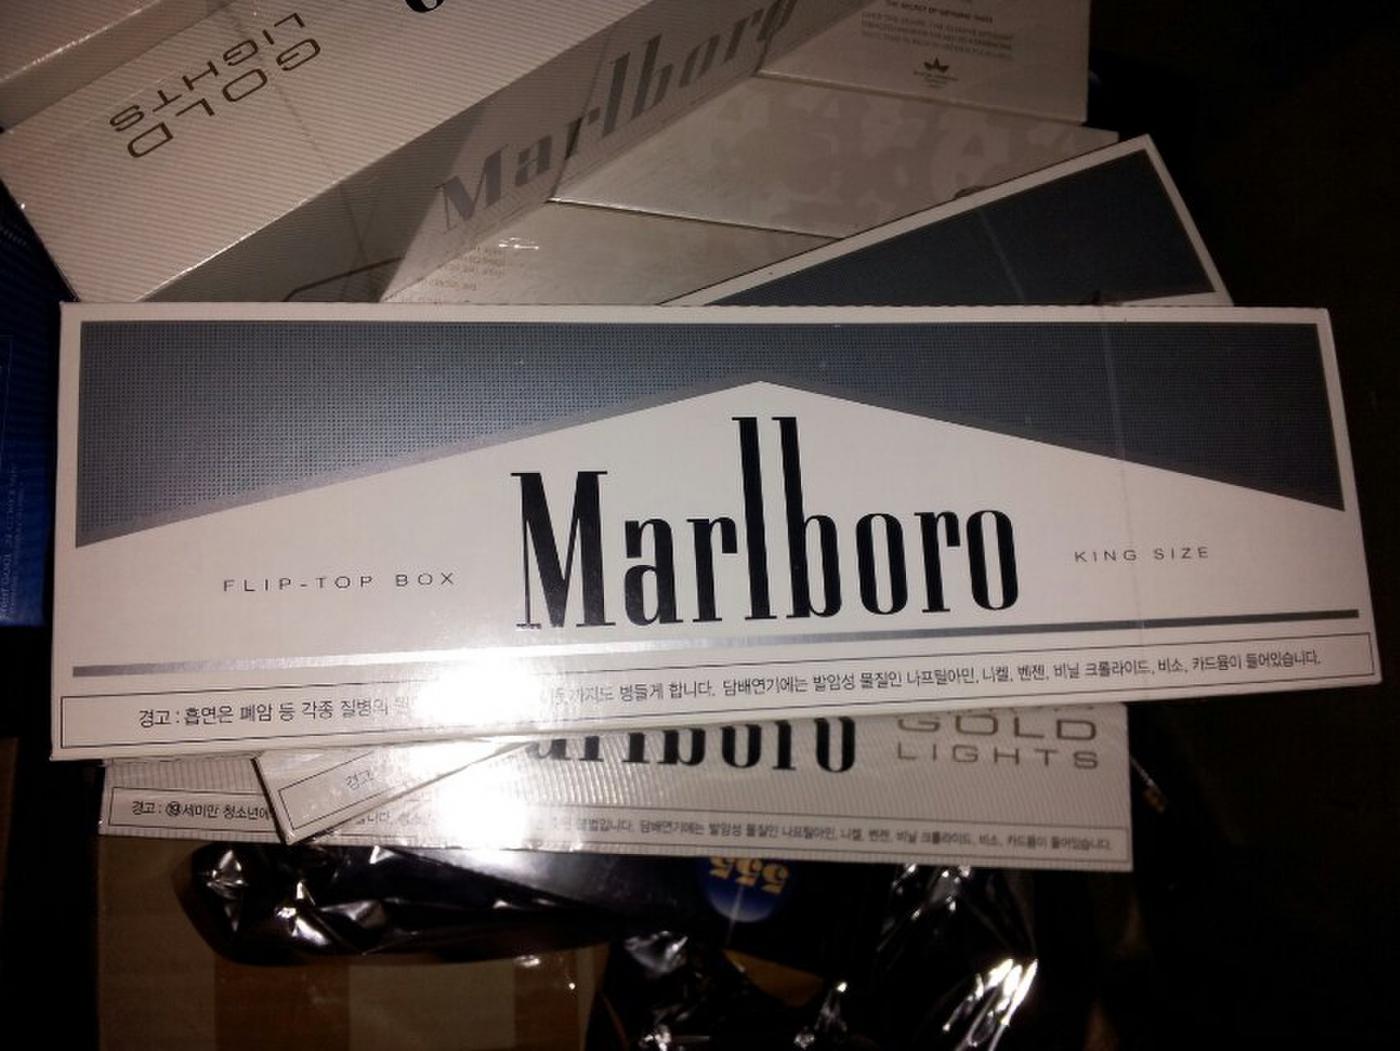 香烟韩国发货一手货源的博客_图1-1